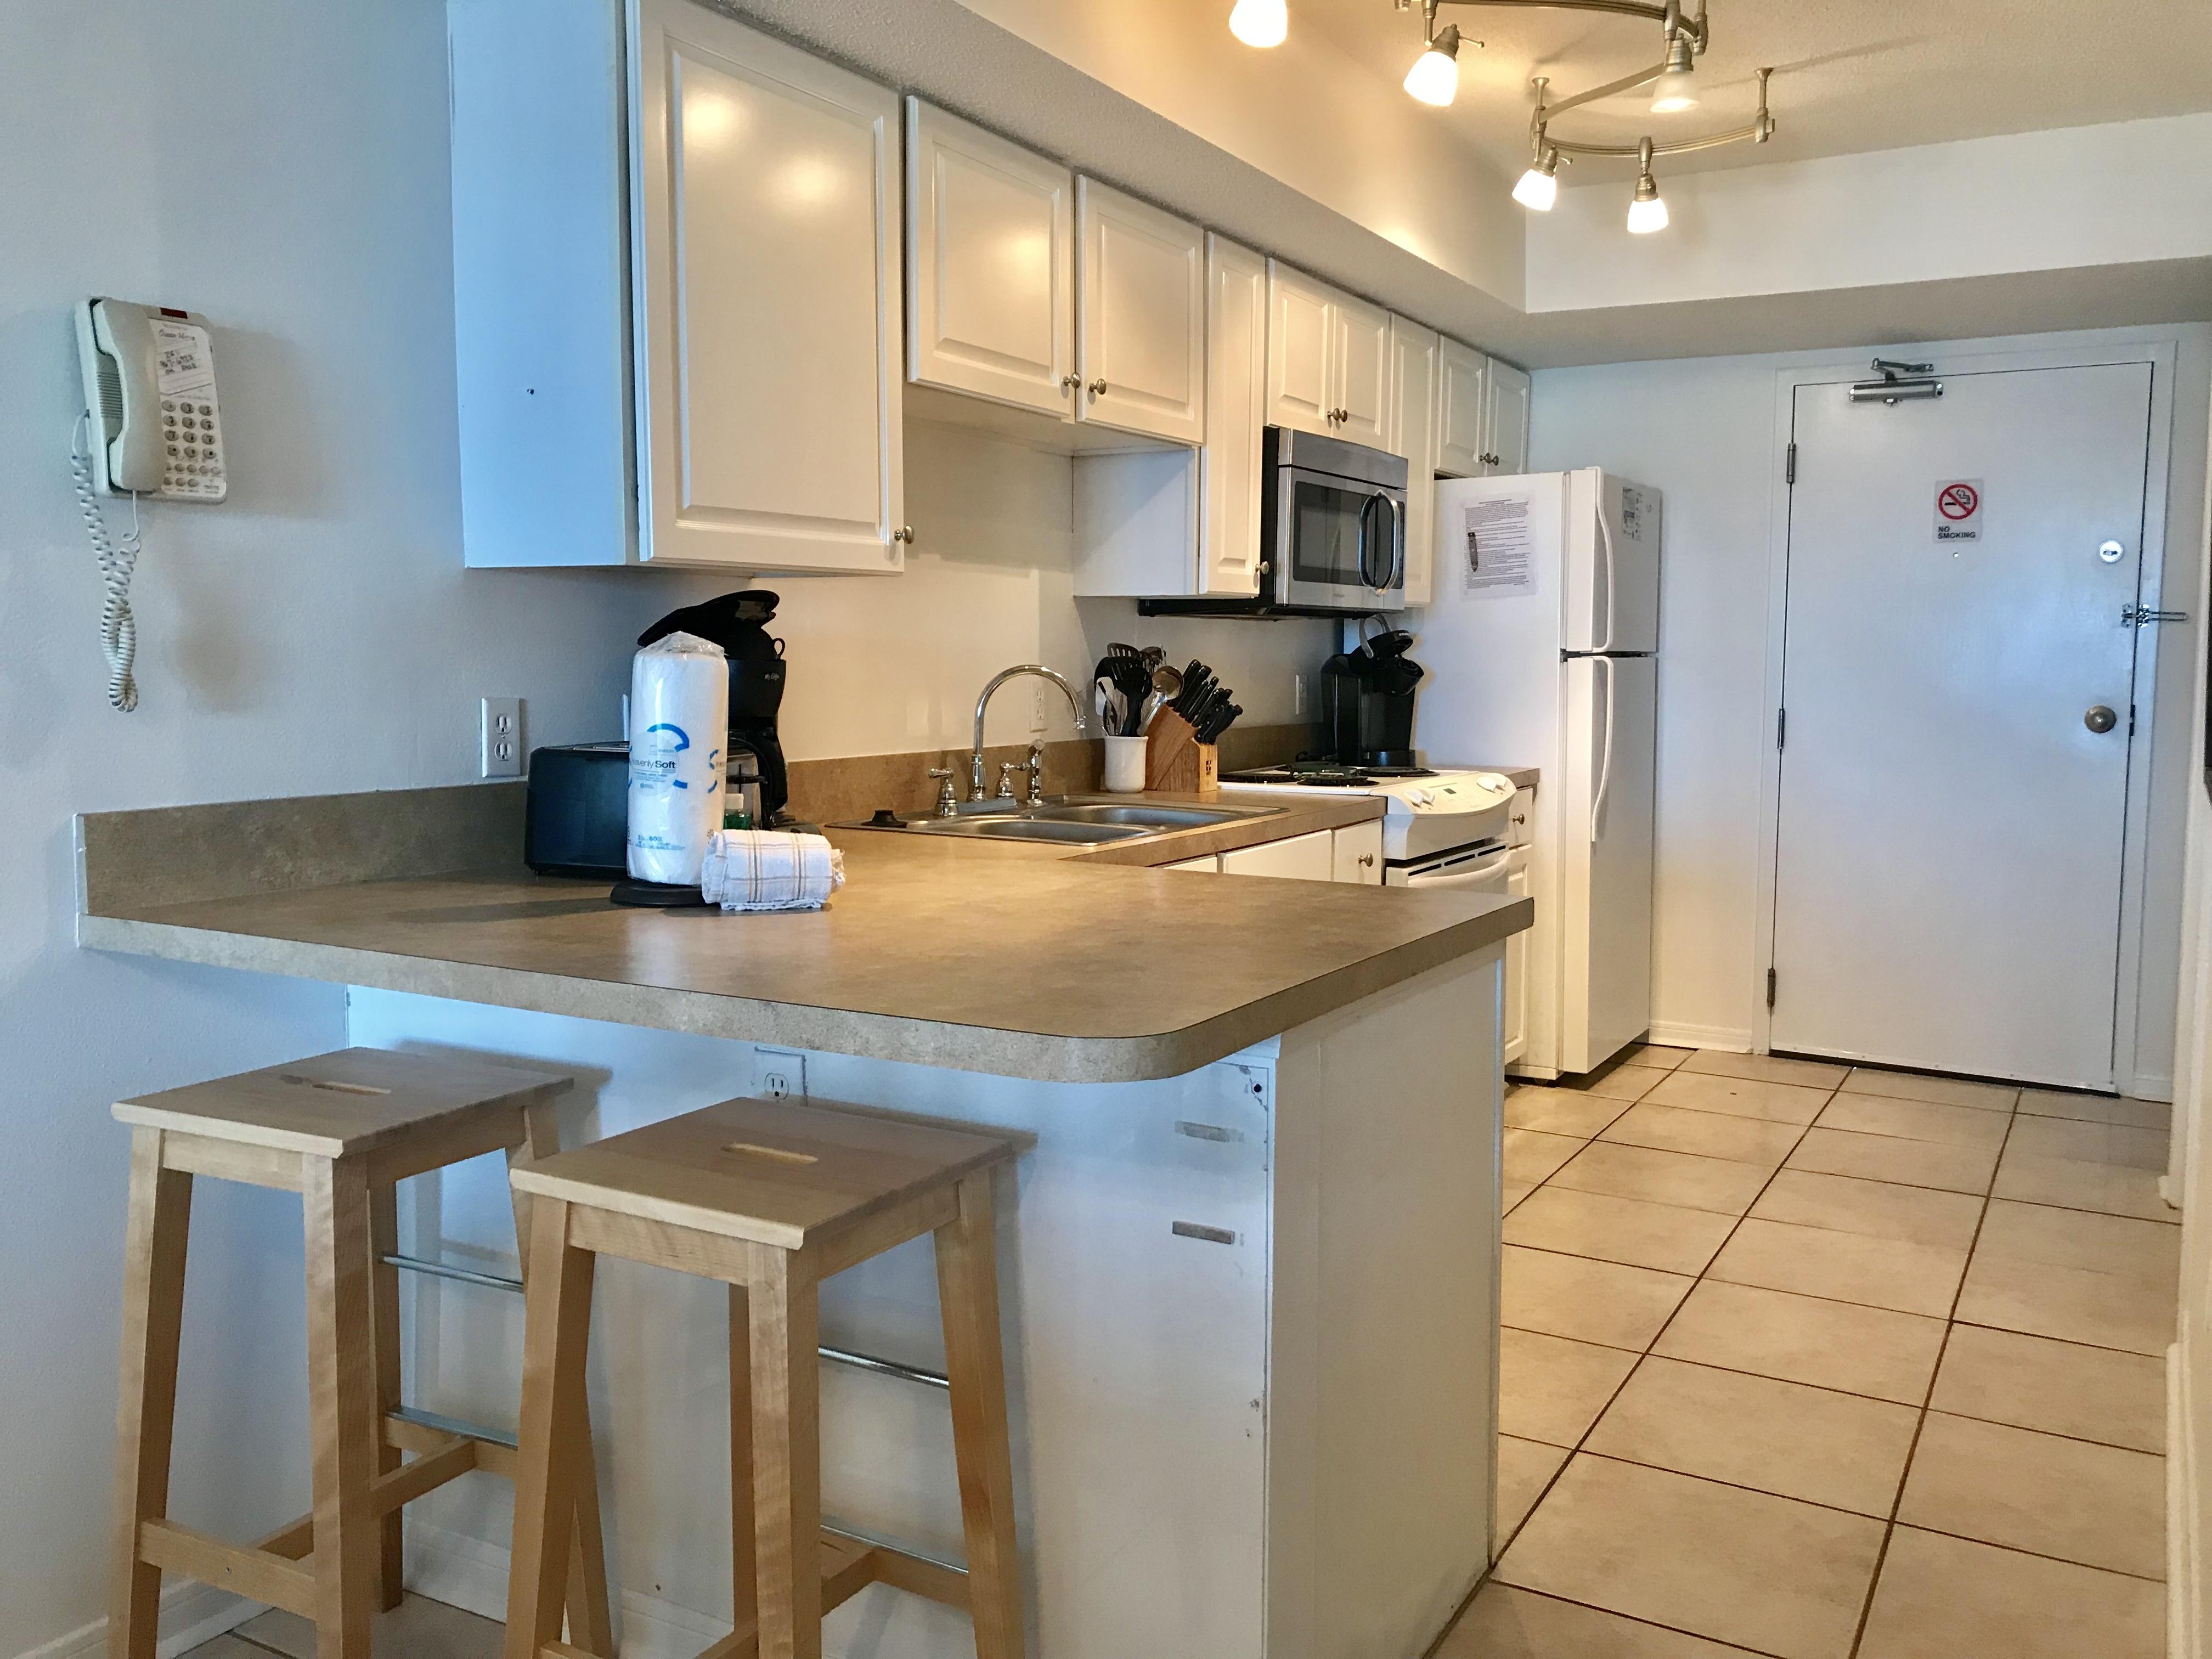 Ocean House 2403 Condo rental in Ocean House - Gulf Shores in Gulf Shores Alabama - #8